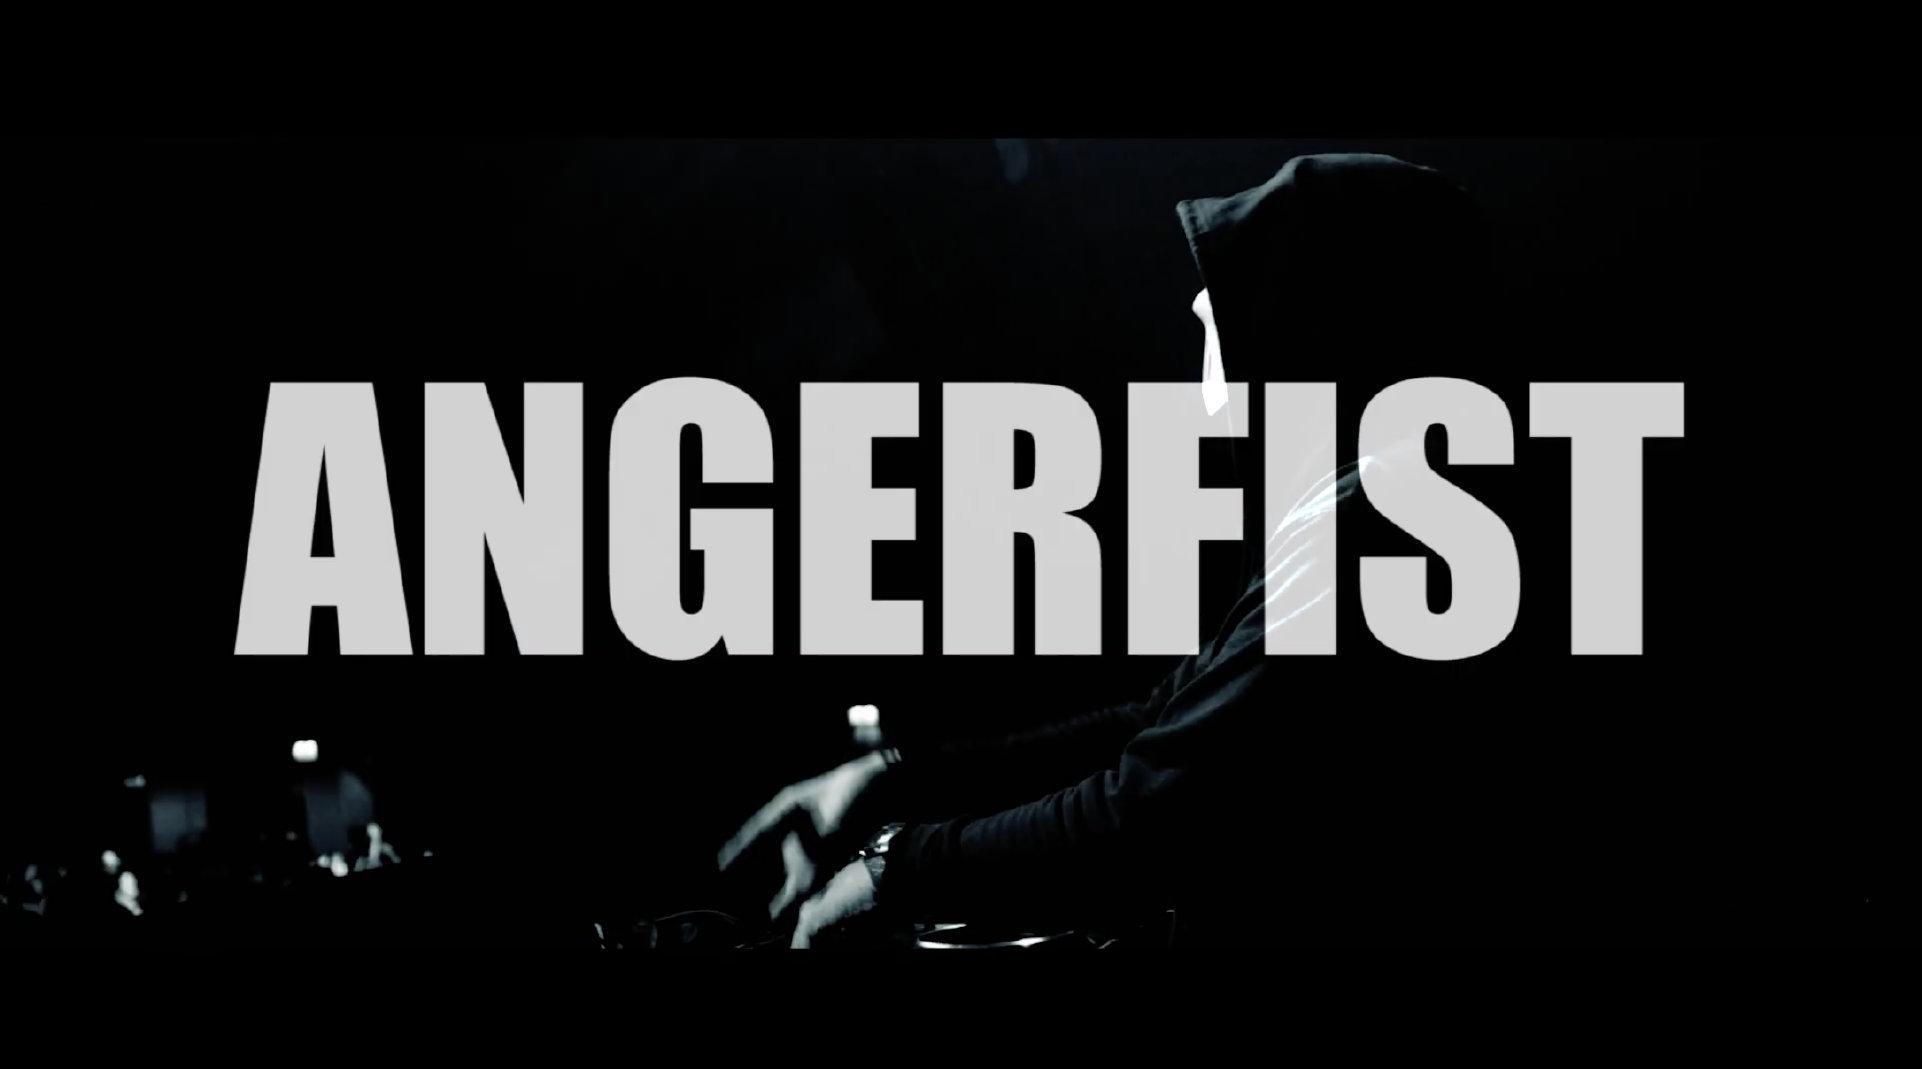 Angerfist联手Tha Watcher 合作新单曲《Face My Style》……